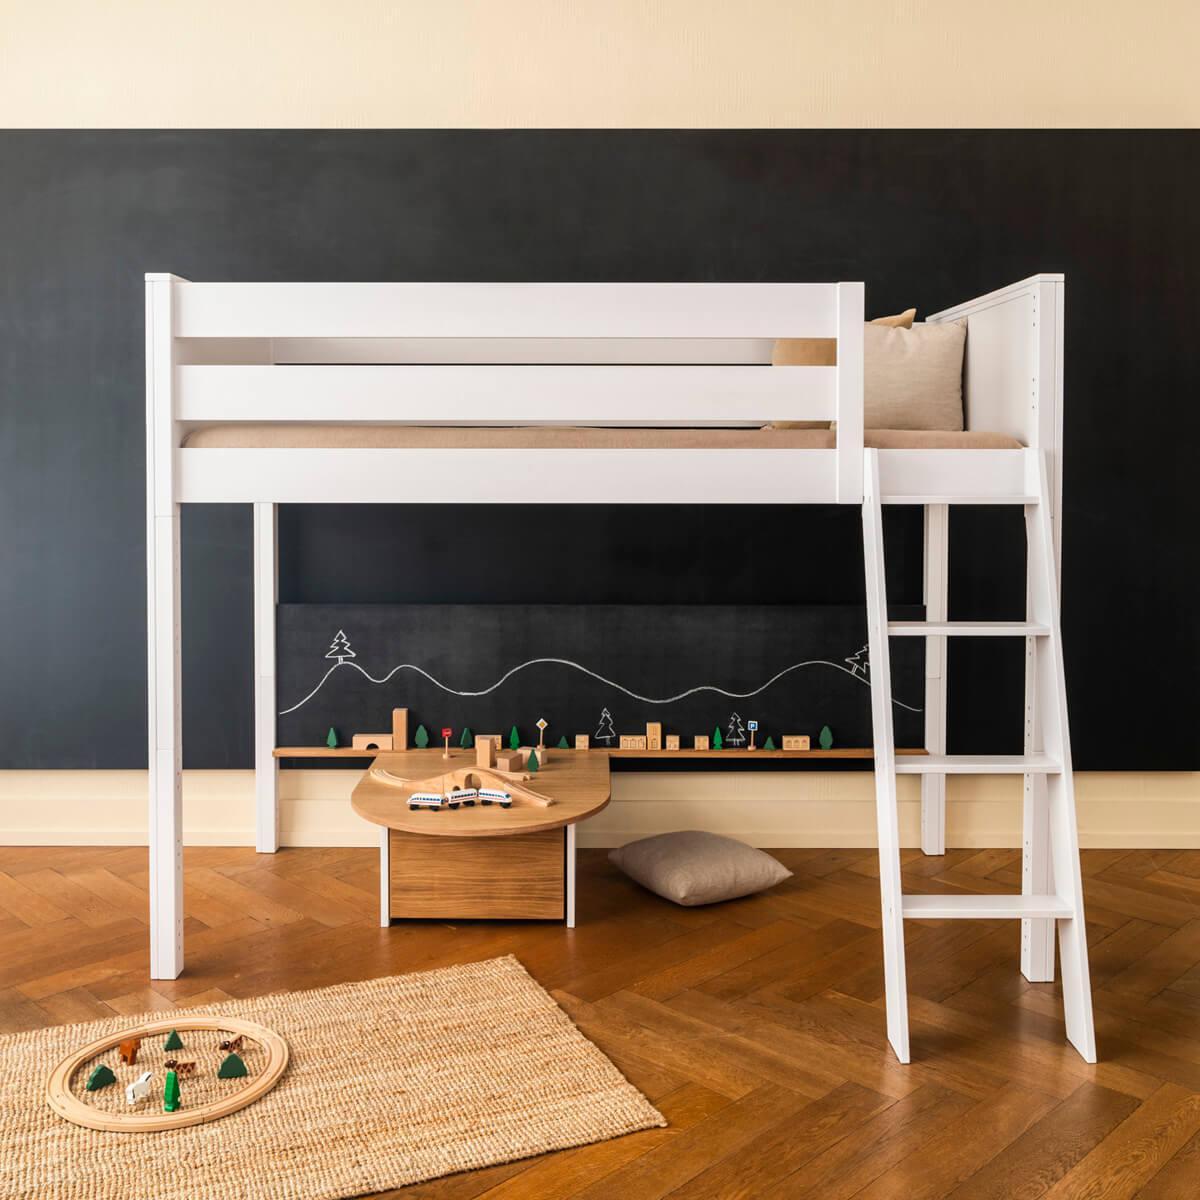 Tafel groß Bauteil 1stk KASVA Mdf Schultafel-schwarz